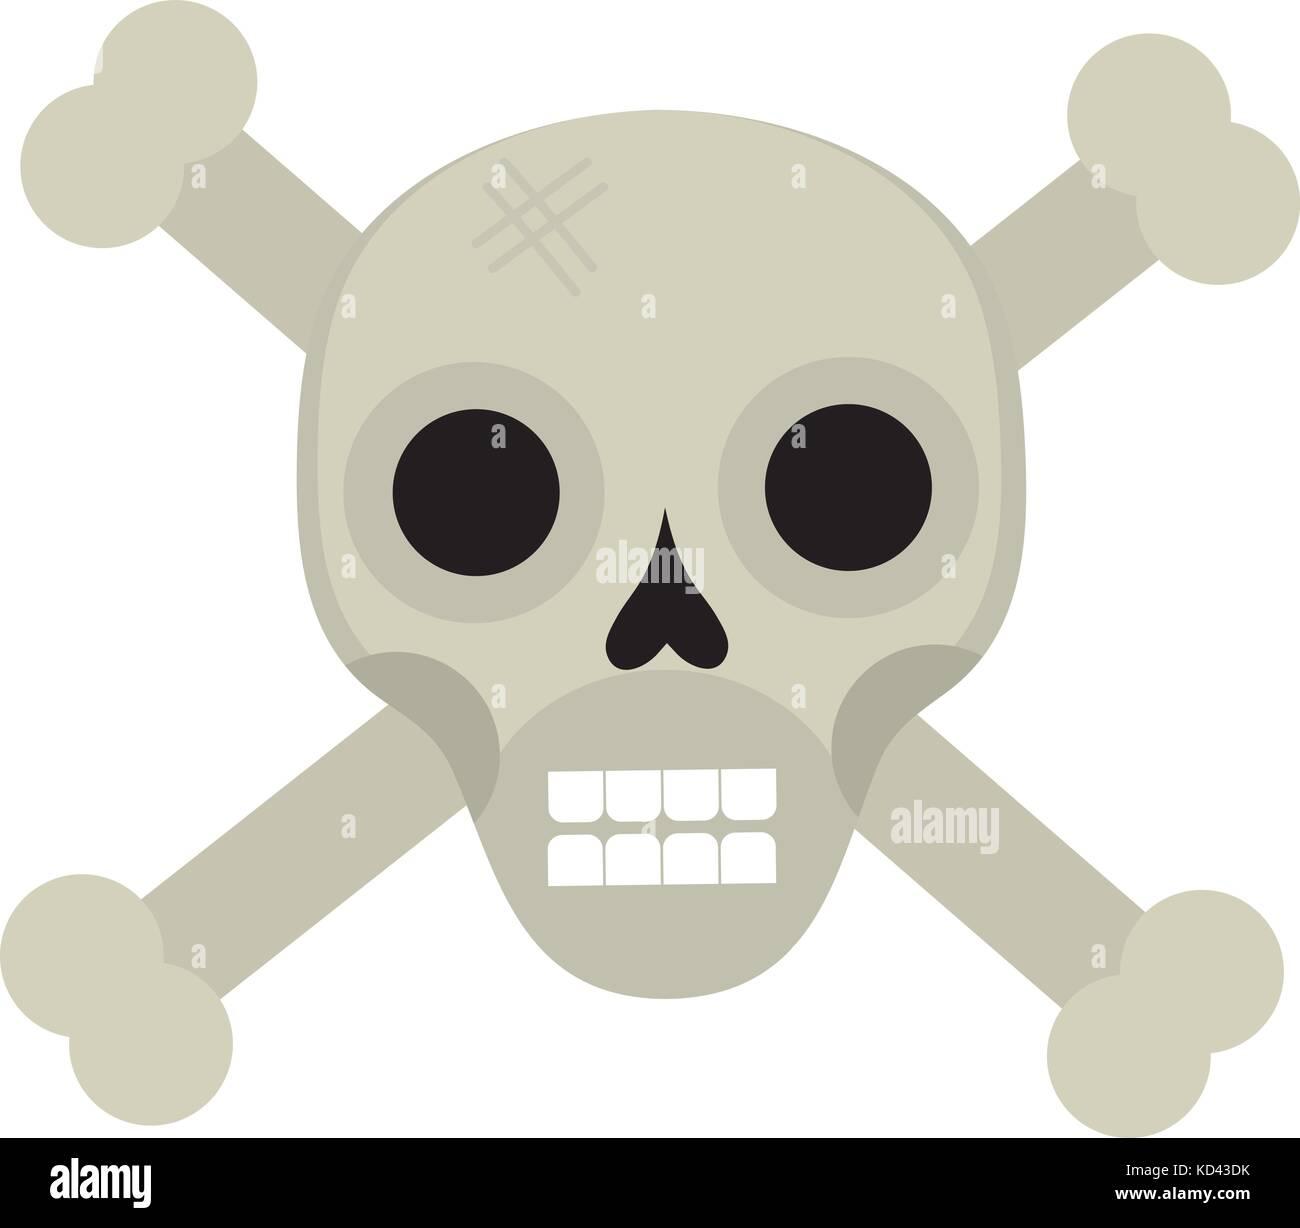 Knochen und Schädel Symbol flacher Stil. auf weißem Hintergrund ...